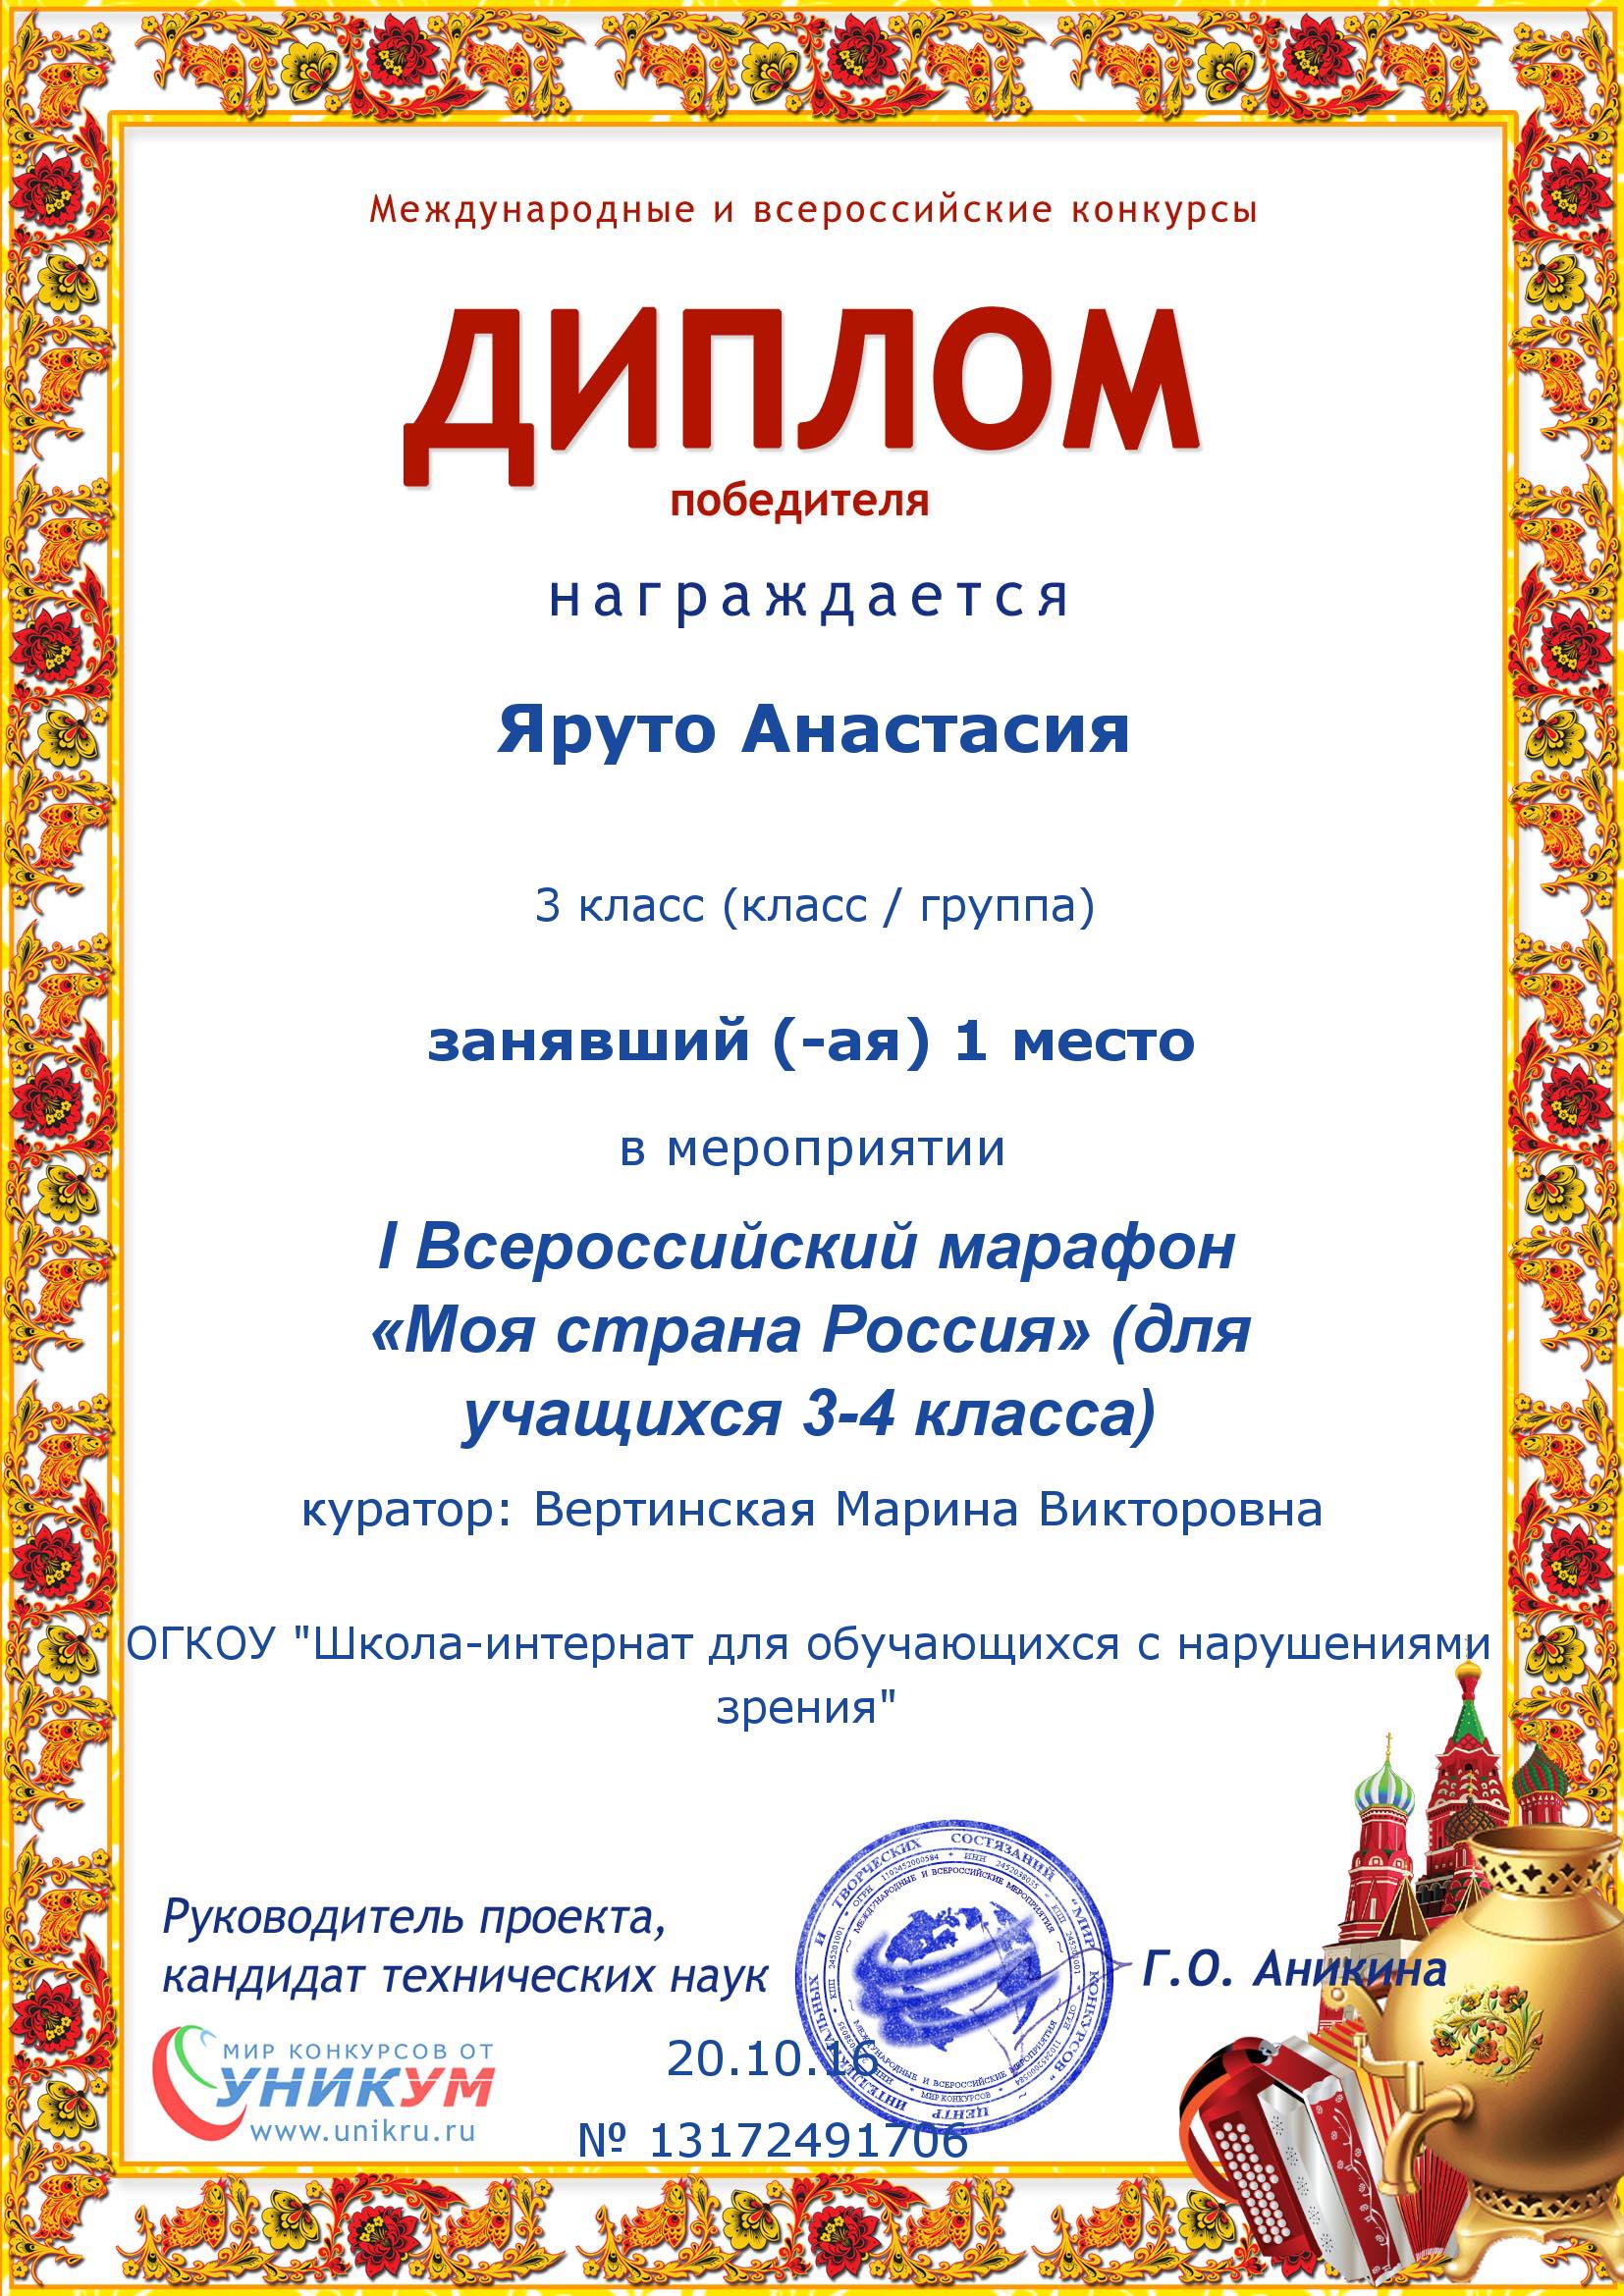 Поздравления печатных изданий с юбилеем